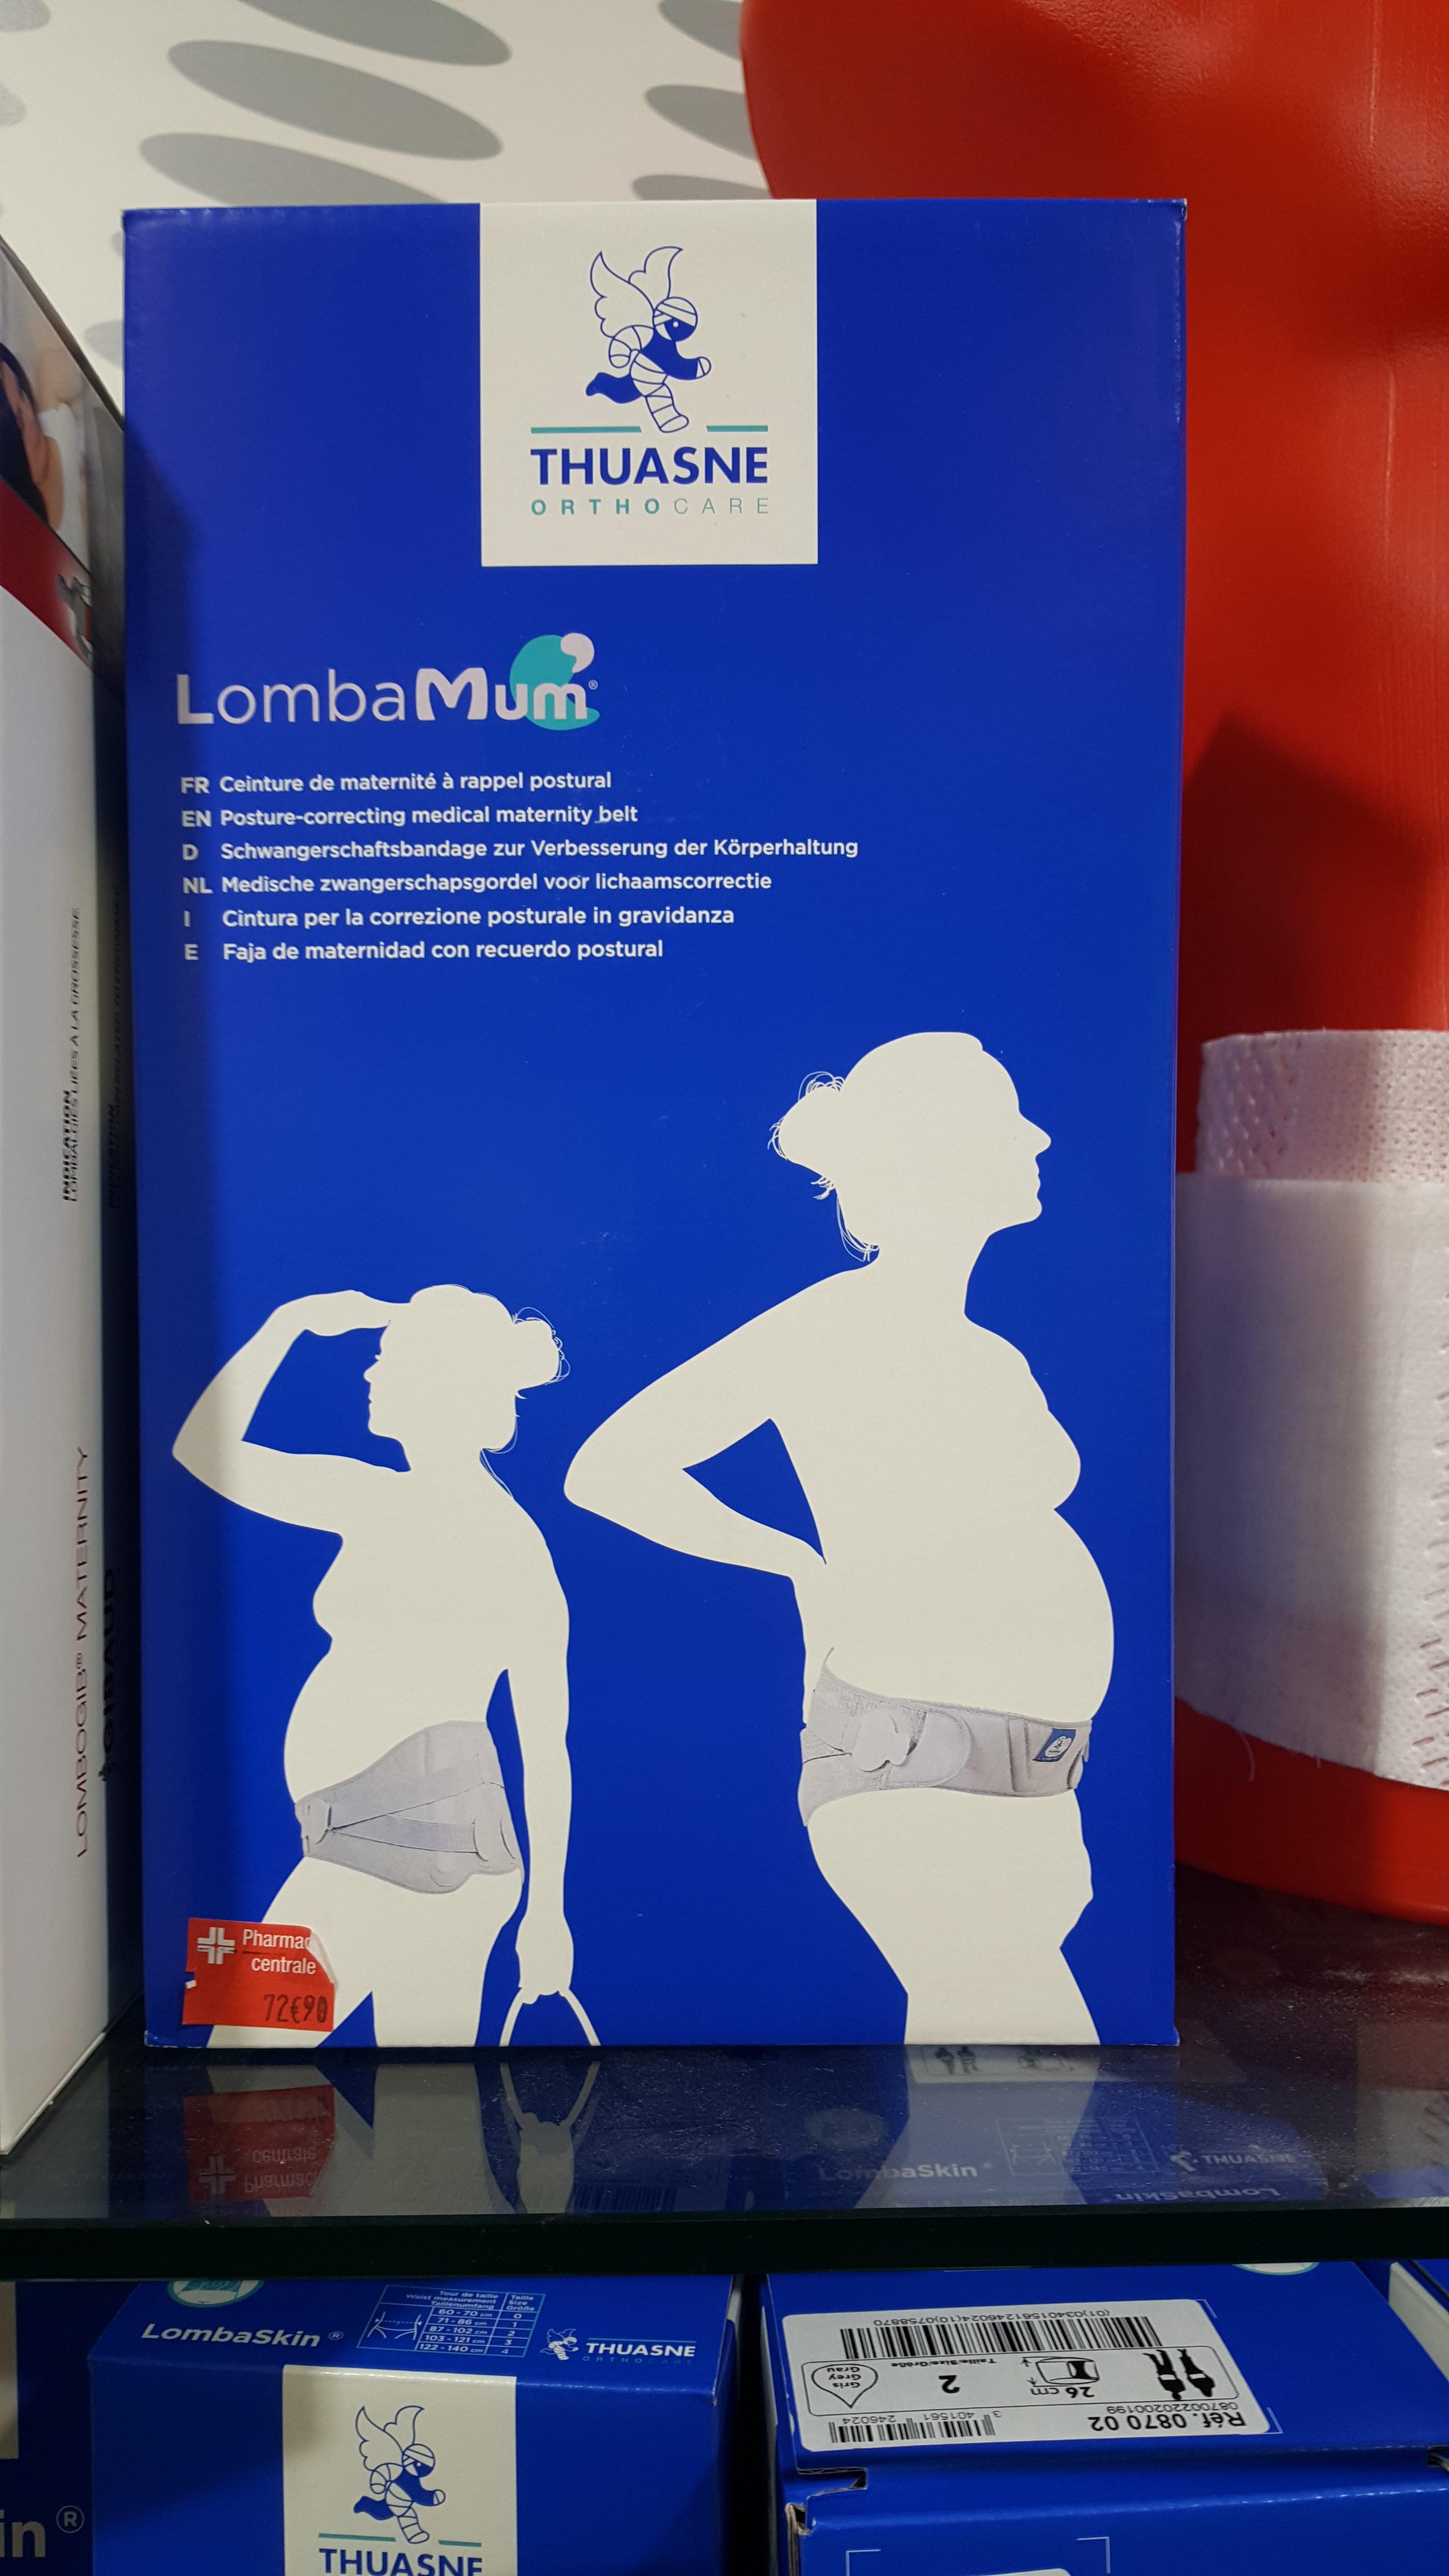 ceinture maternité lombaMum Thuasne